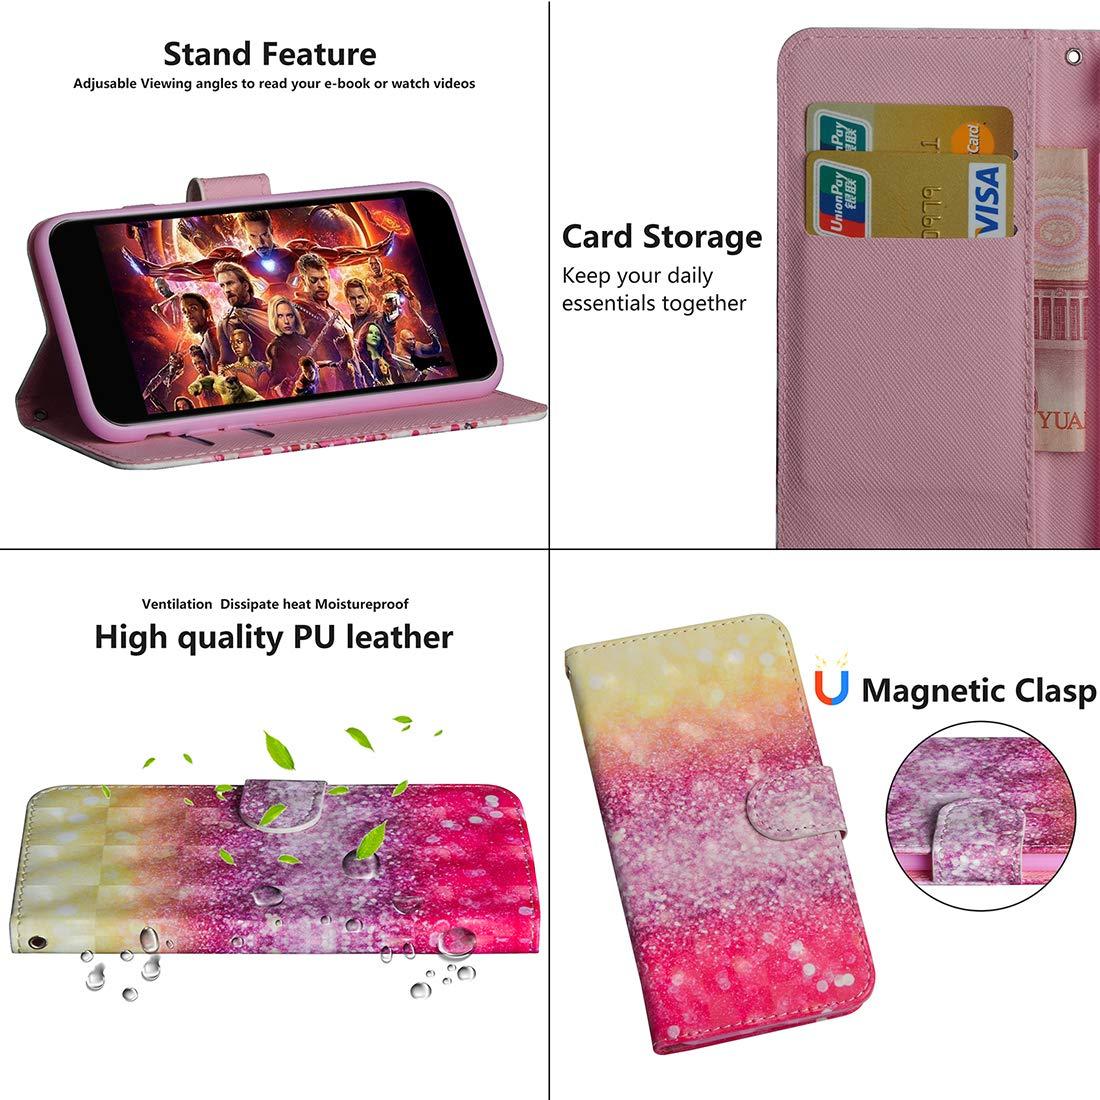 Lyzwn Huawei Y7 2019 Y7 Prime 2019 Funda Cuero 3D PU Billetera Funda Flip Wallet Case Cover Carcasa con Cierre Magn/ético Soporte para Huawei Y7 2019 Y7 Prime 2019 Y7 Pro 2019 Y7 Pro 2019